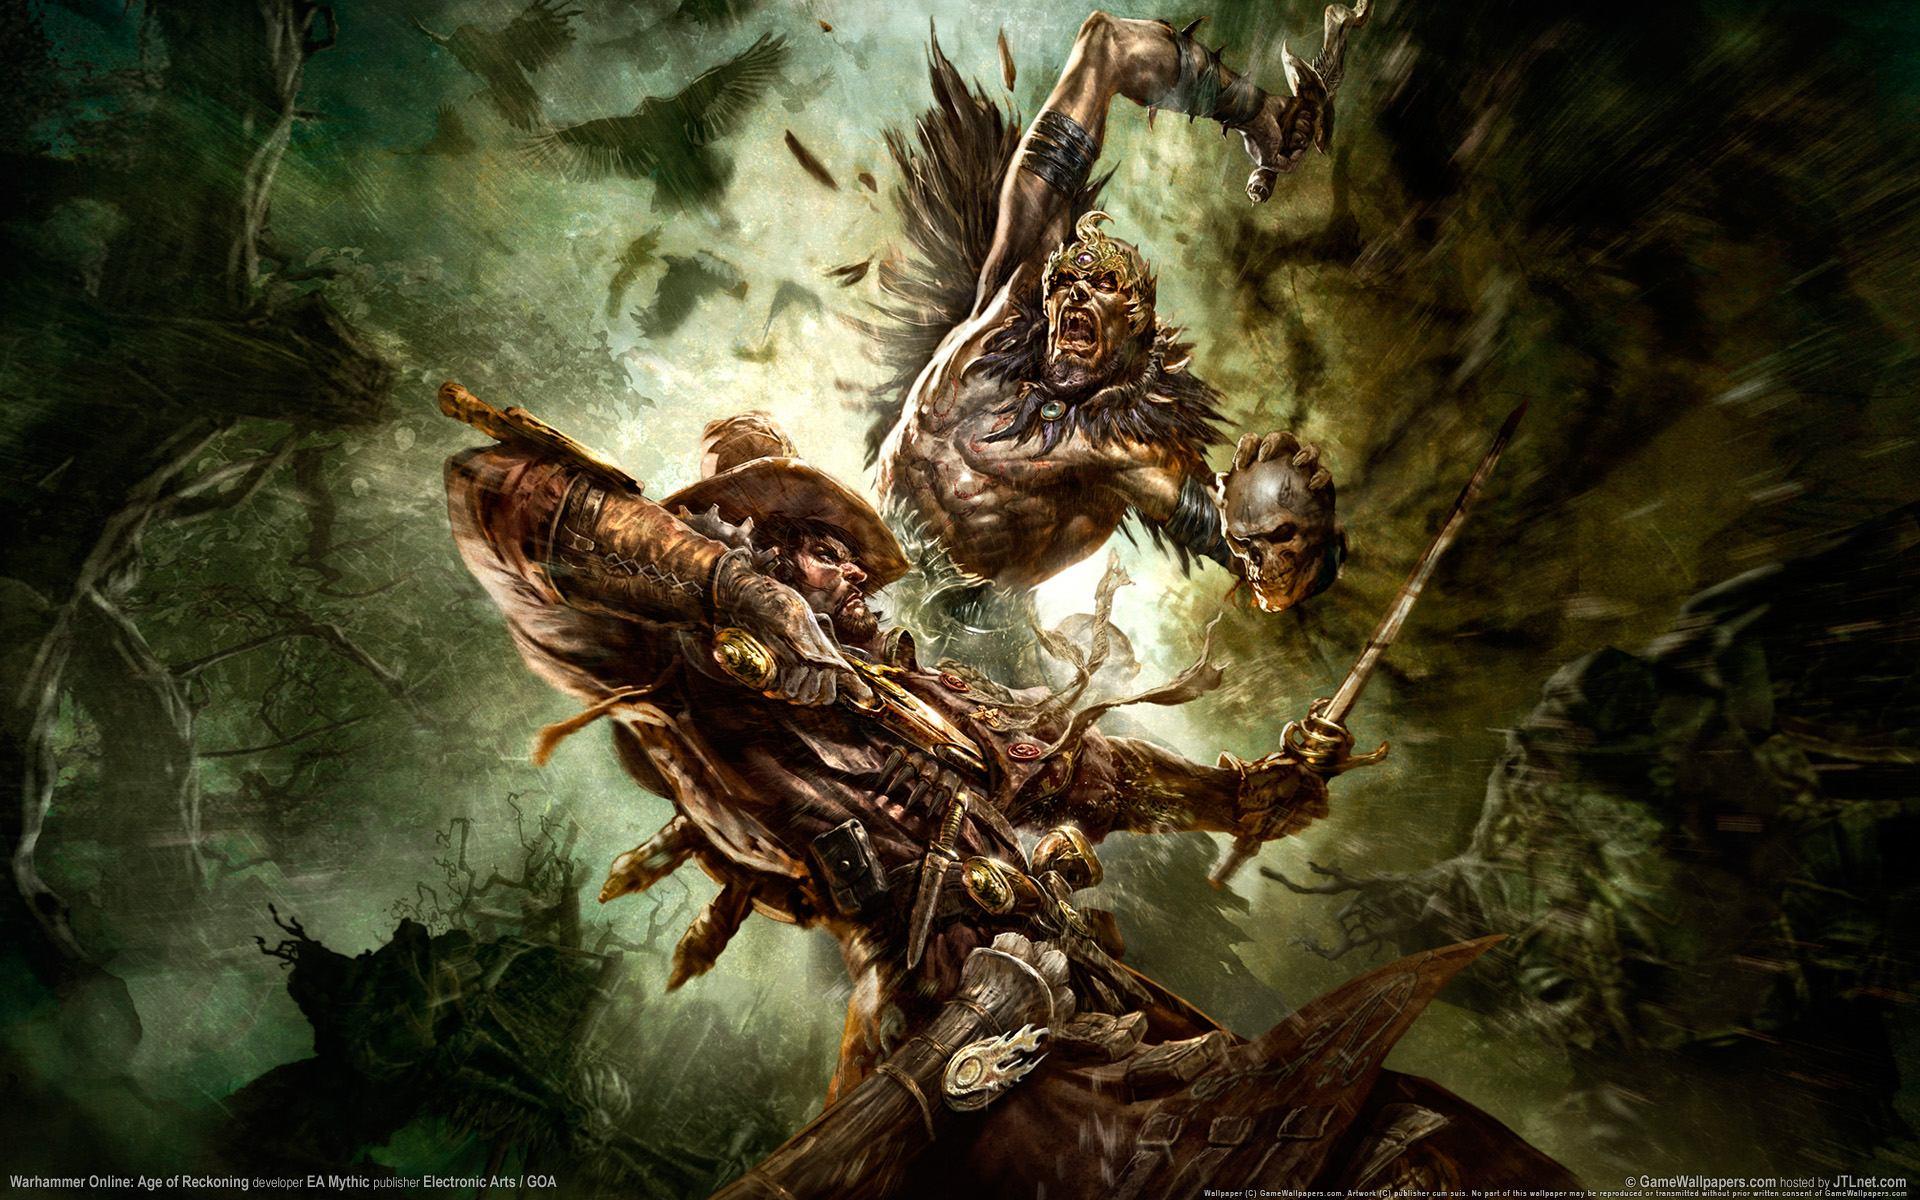 Warhammer Online Widescreen Wallpaper 1920x1200